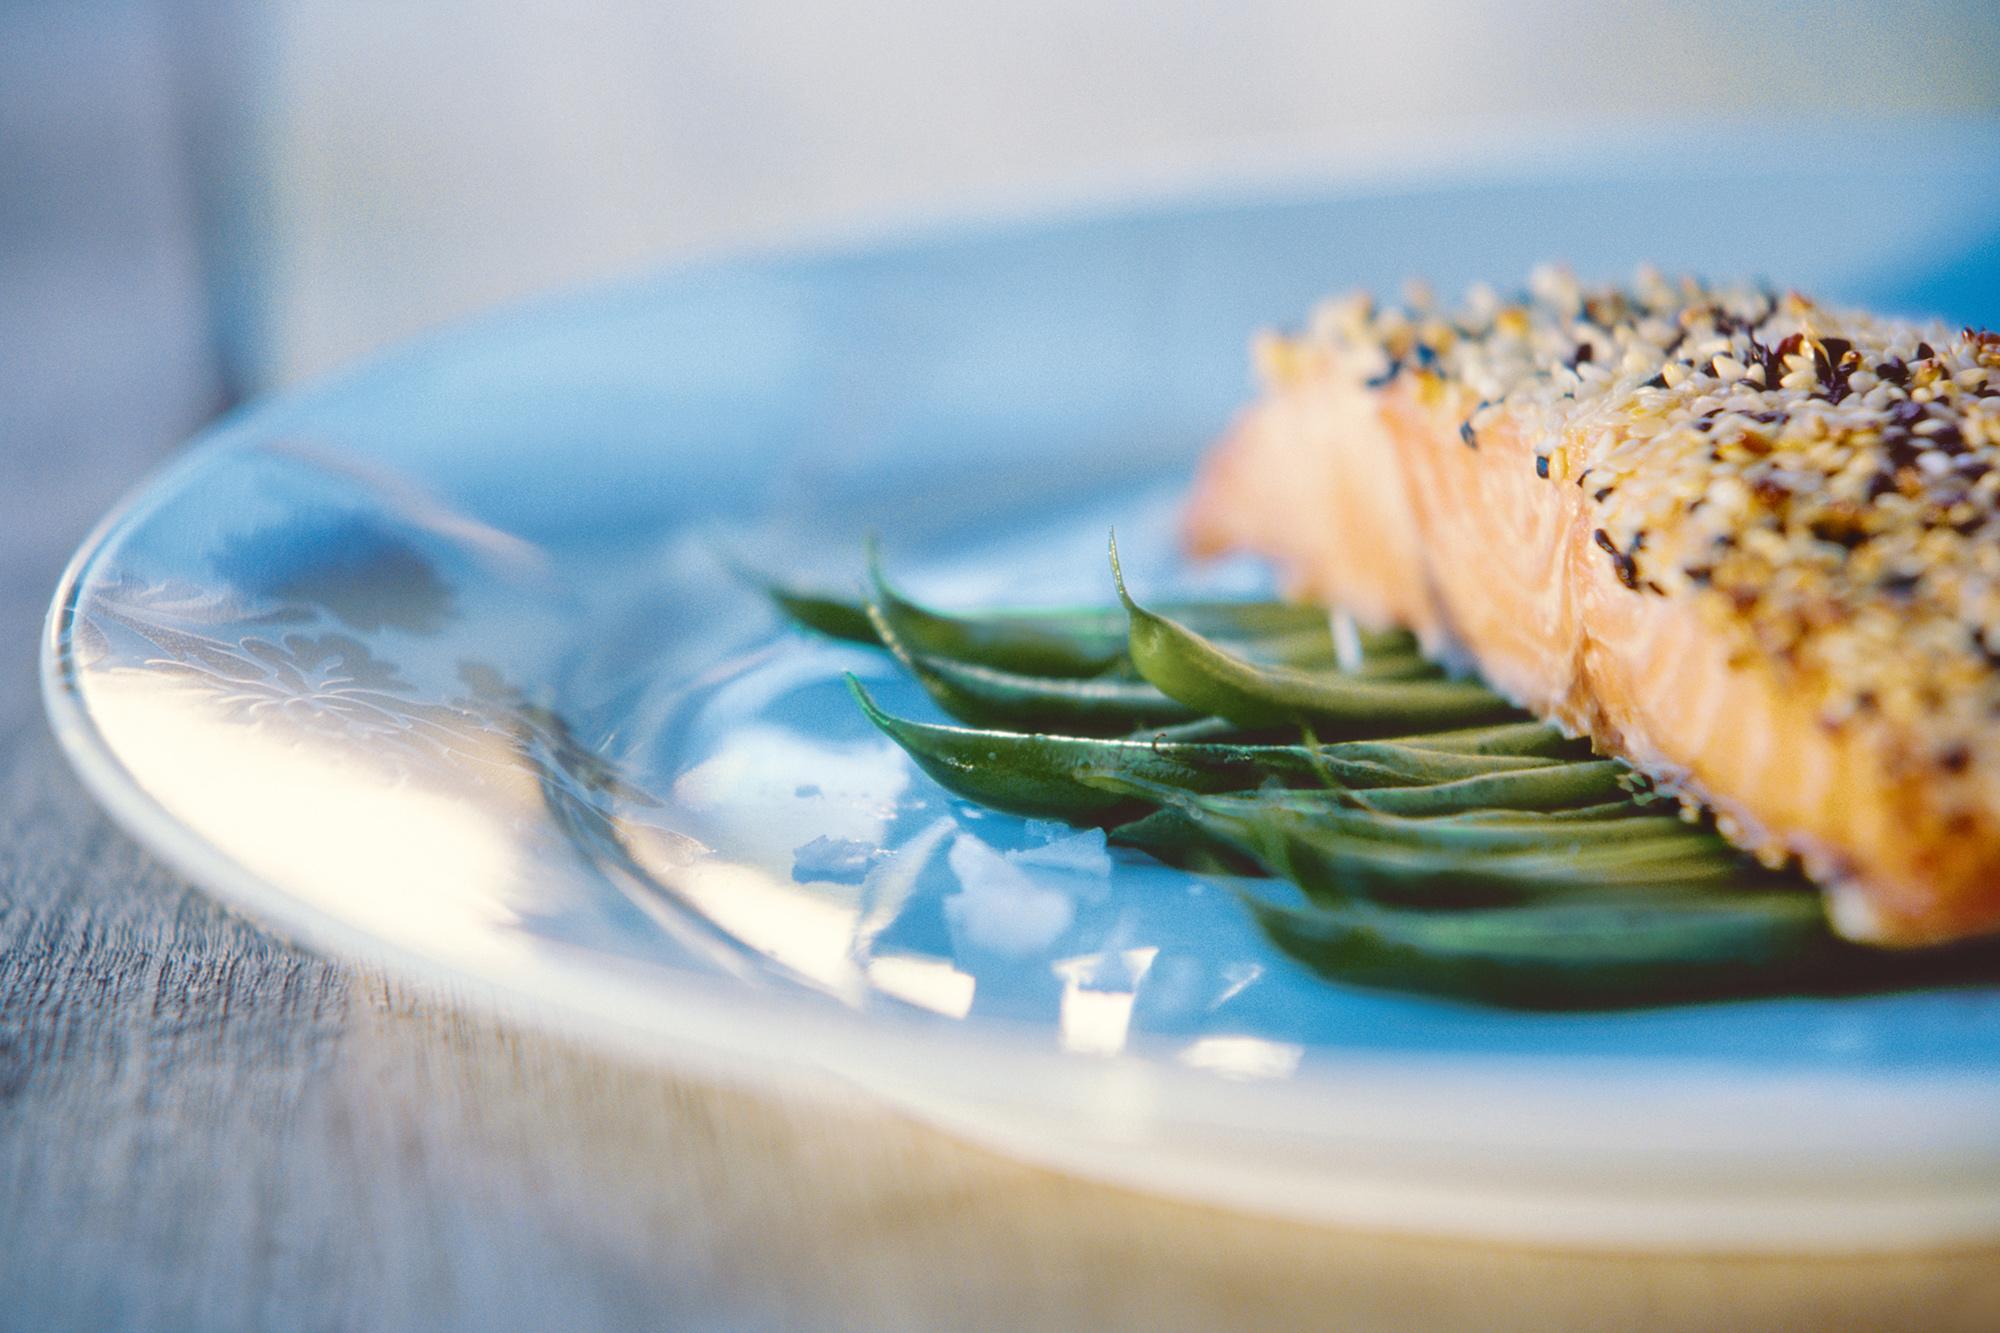 Ausgewählte TUI Hotels mit glutenfreiem Essen